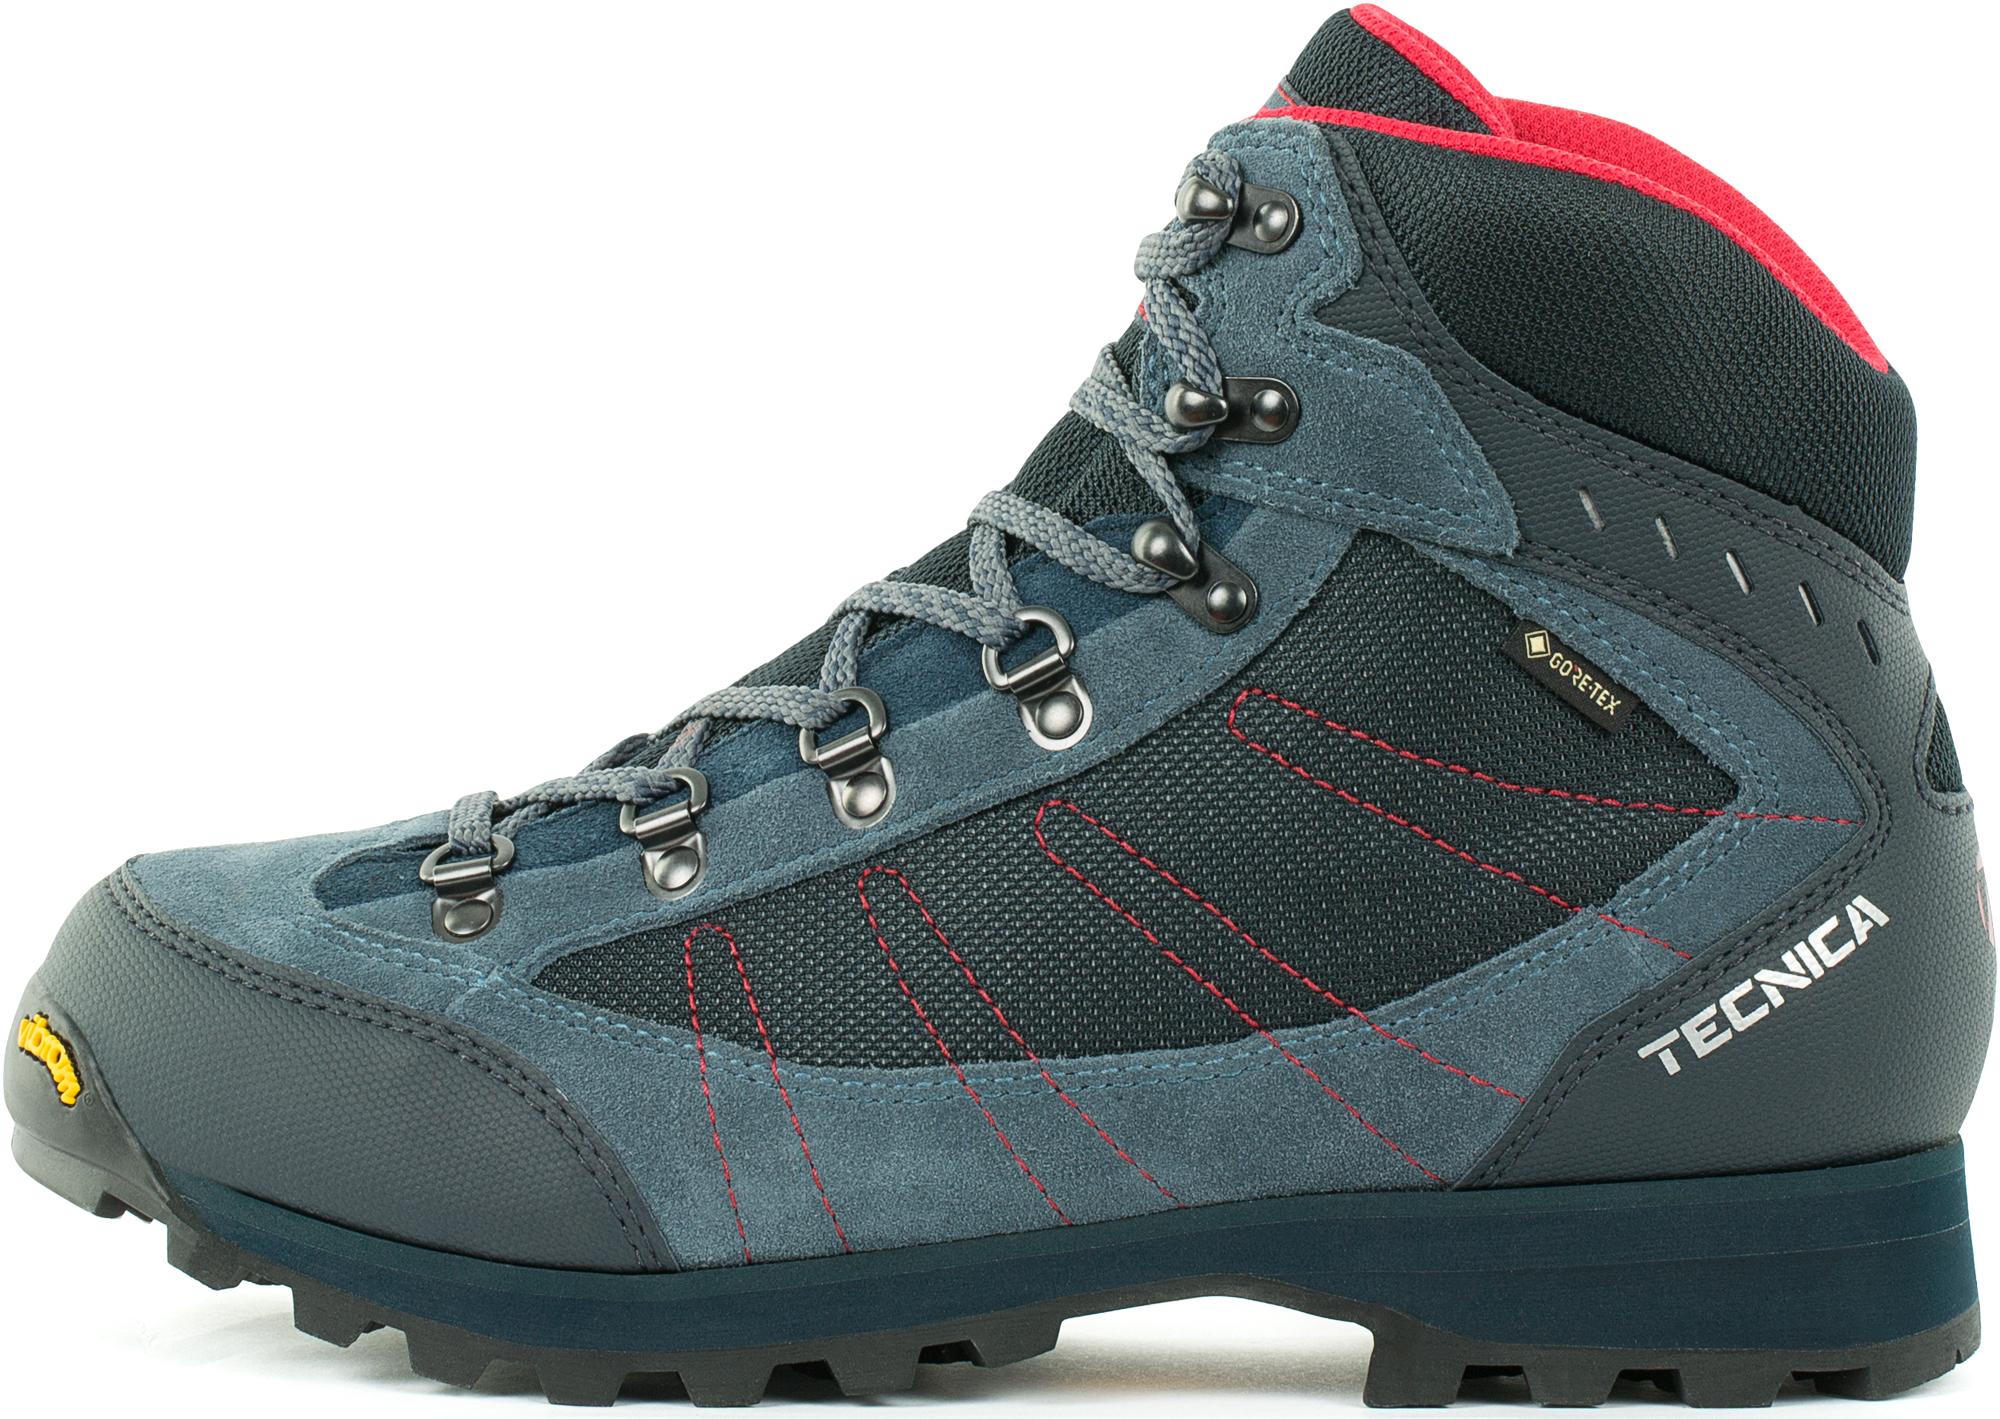 купить Tecnica Ботинки женские Tecnica Makalu Iv Gtx Ws, размер 37 дешево